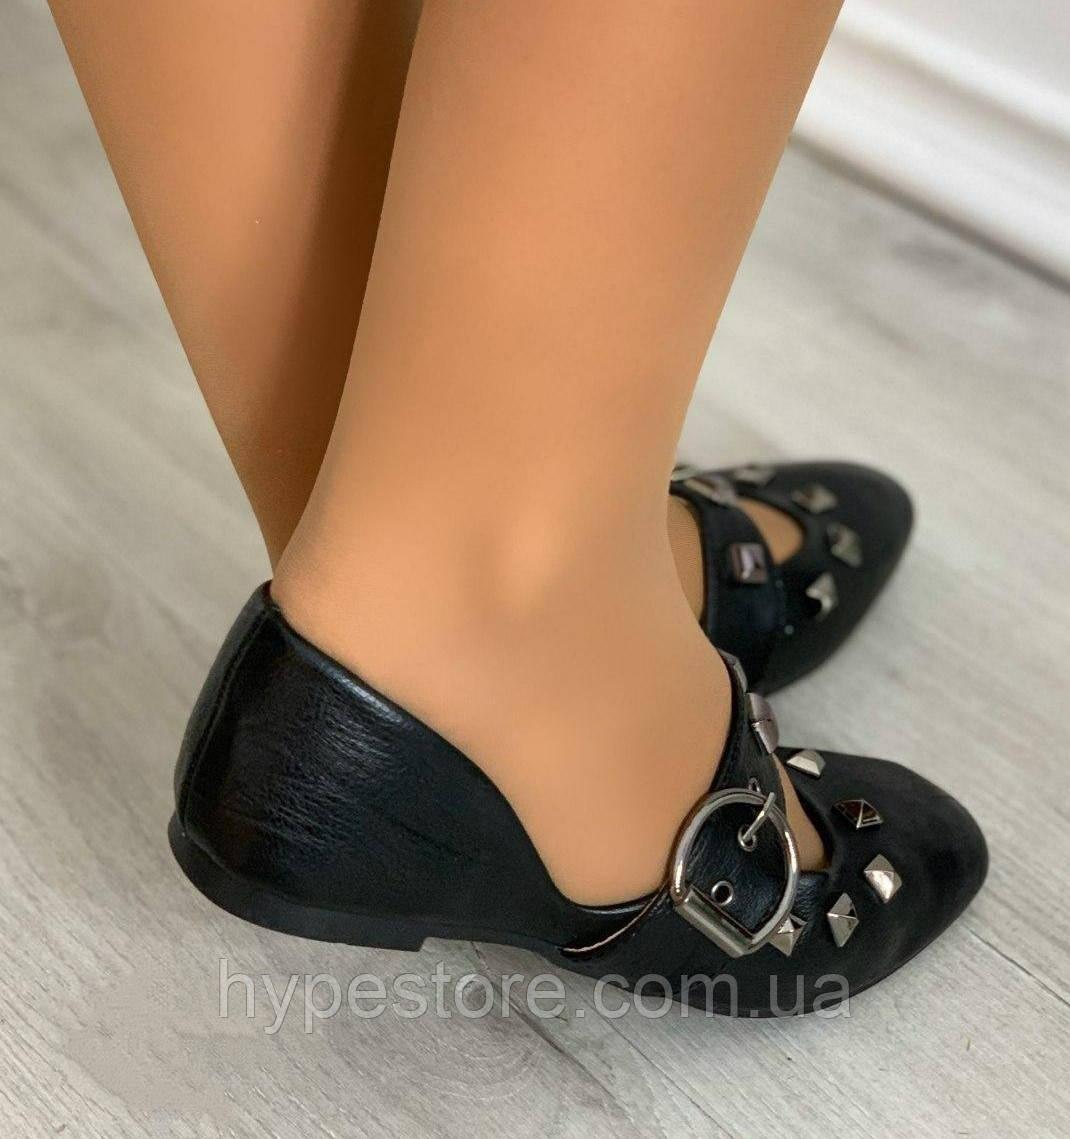 Модельные женские балетки, туфли черного цвета, см.замеры в описании!!!